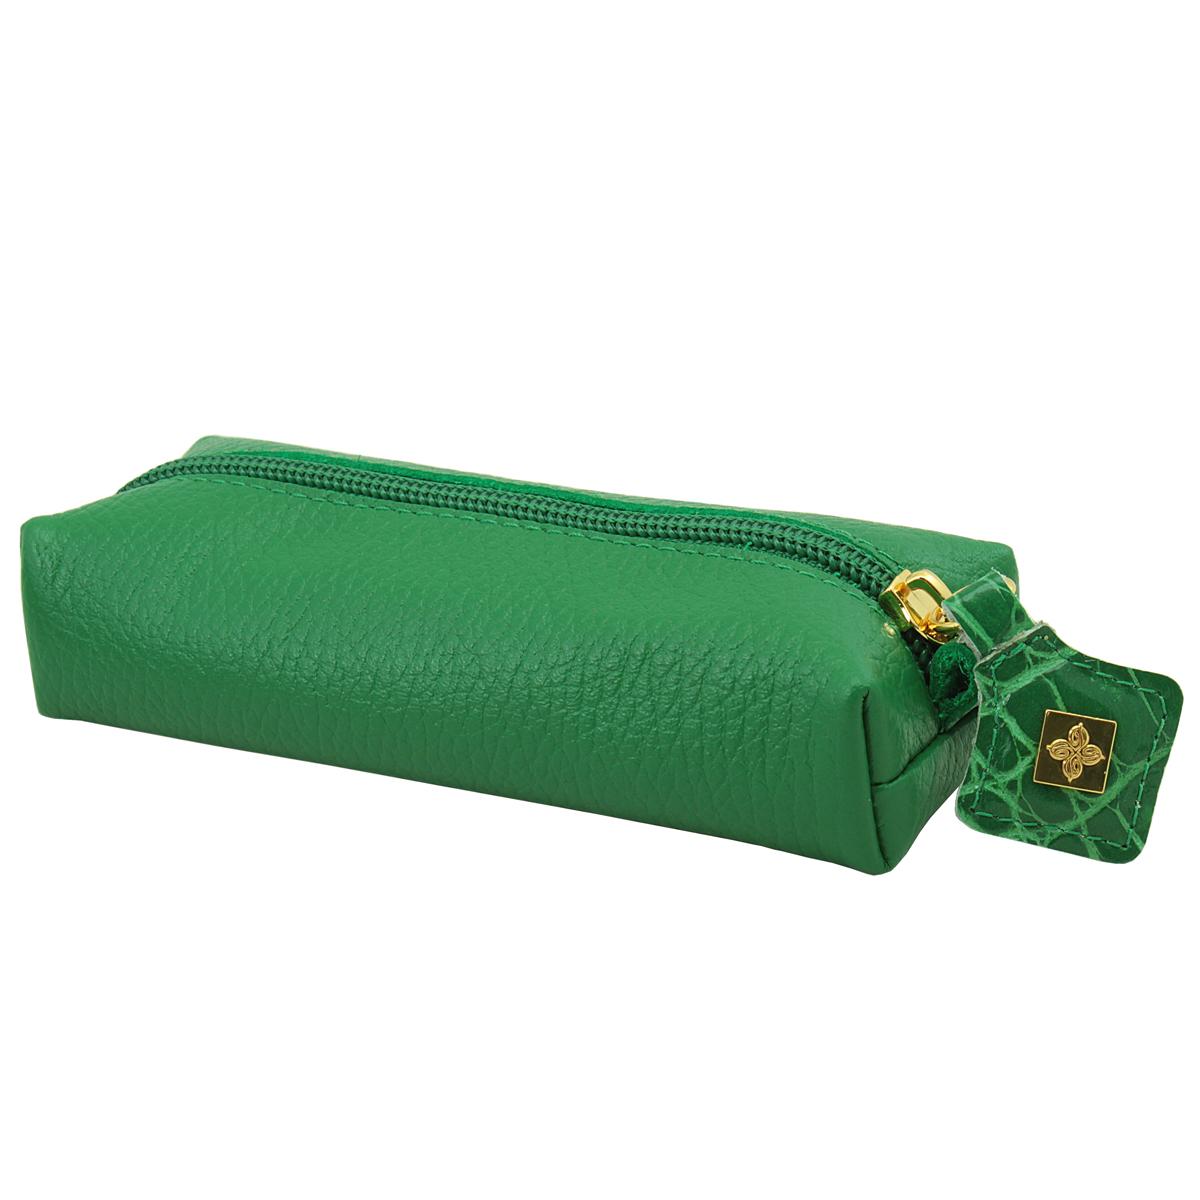 Ключница Dimanche Казино, цвет: зеленый. 989989Компактная ключница Казино - стильная вещь для хранения ключей. Ключница выполнена из натуральной кожи. Состоит из одного отделения, закрывающегося на застежку-молнию. Внутри ключницы на кожаной петле крепится металлическое кольцо для ключей. Характеристики: Цвет: зеленый. Материал: натуральная кожа, металл. Размер: 14,5 см x 5,5 см x 3,5 см. Изготовитель: Россия. Артикул: 989